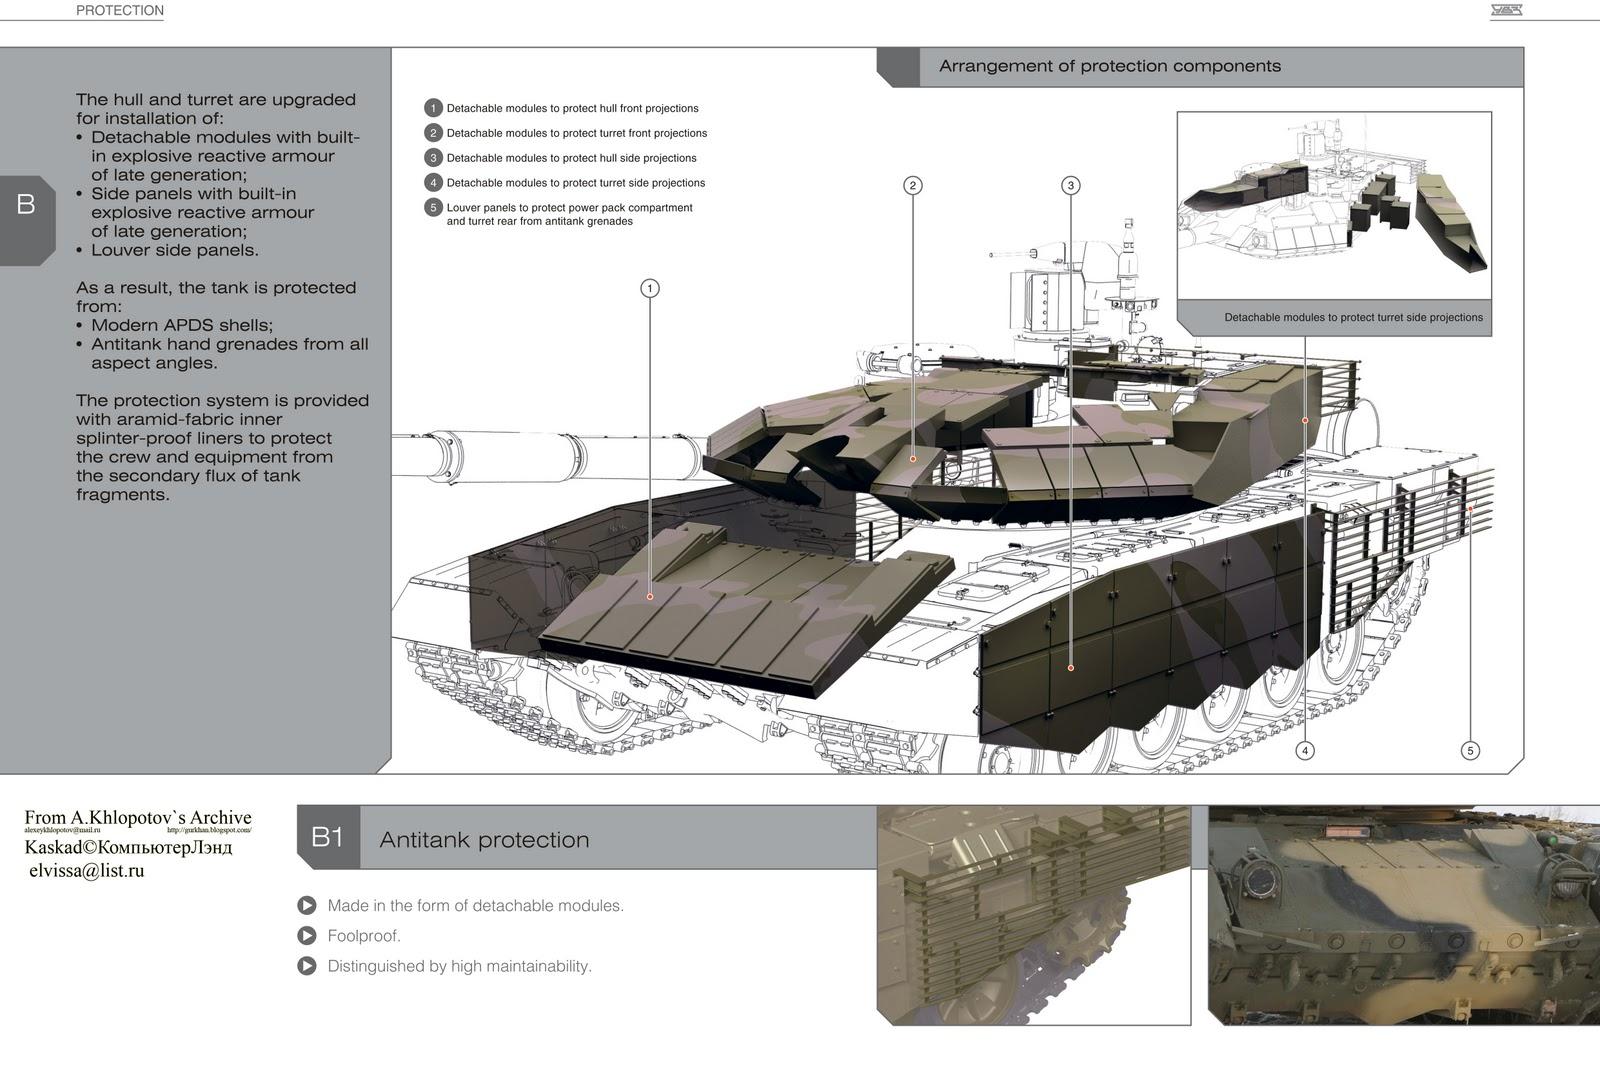 الجزائر توقع عقدا لشراء 300 دبابة  تي 90  والاحتمال انها  نوع T90MS - صفحة 4 T-90MS_eng-13